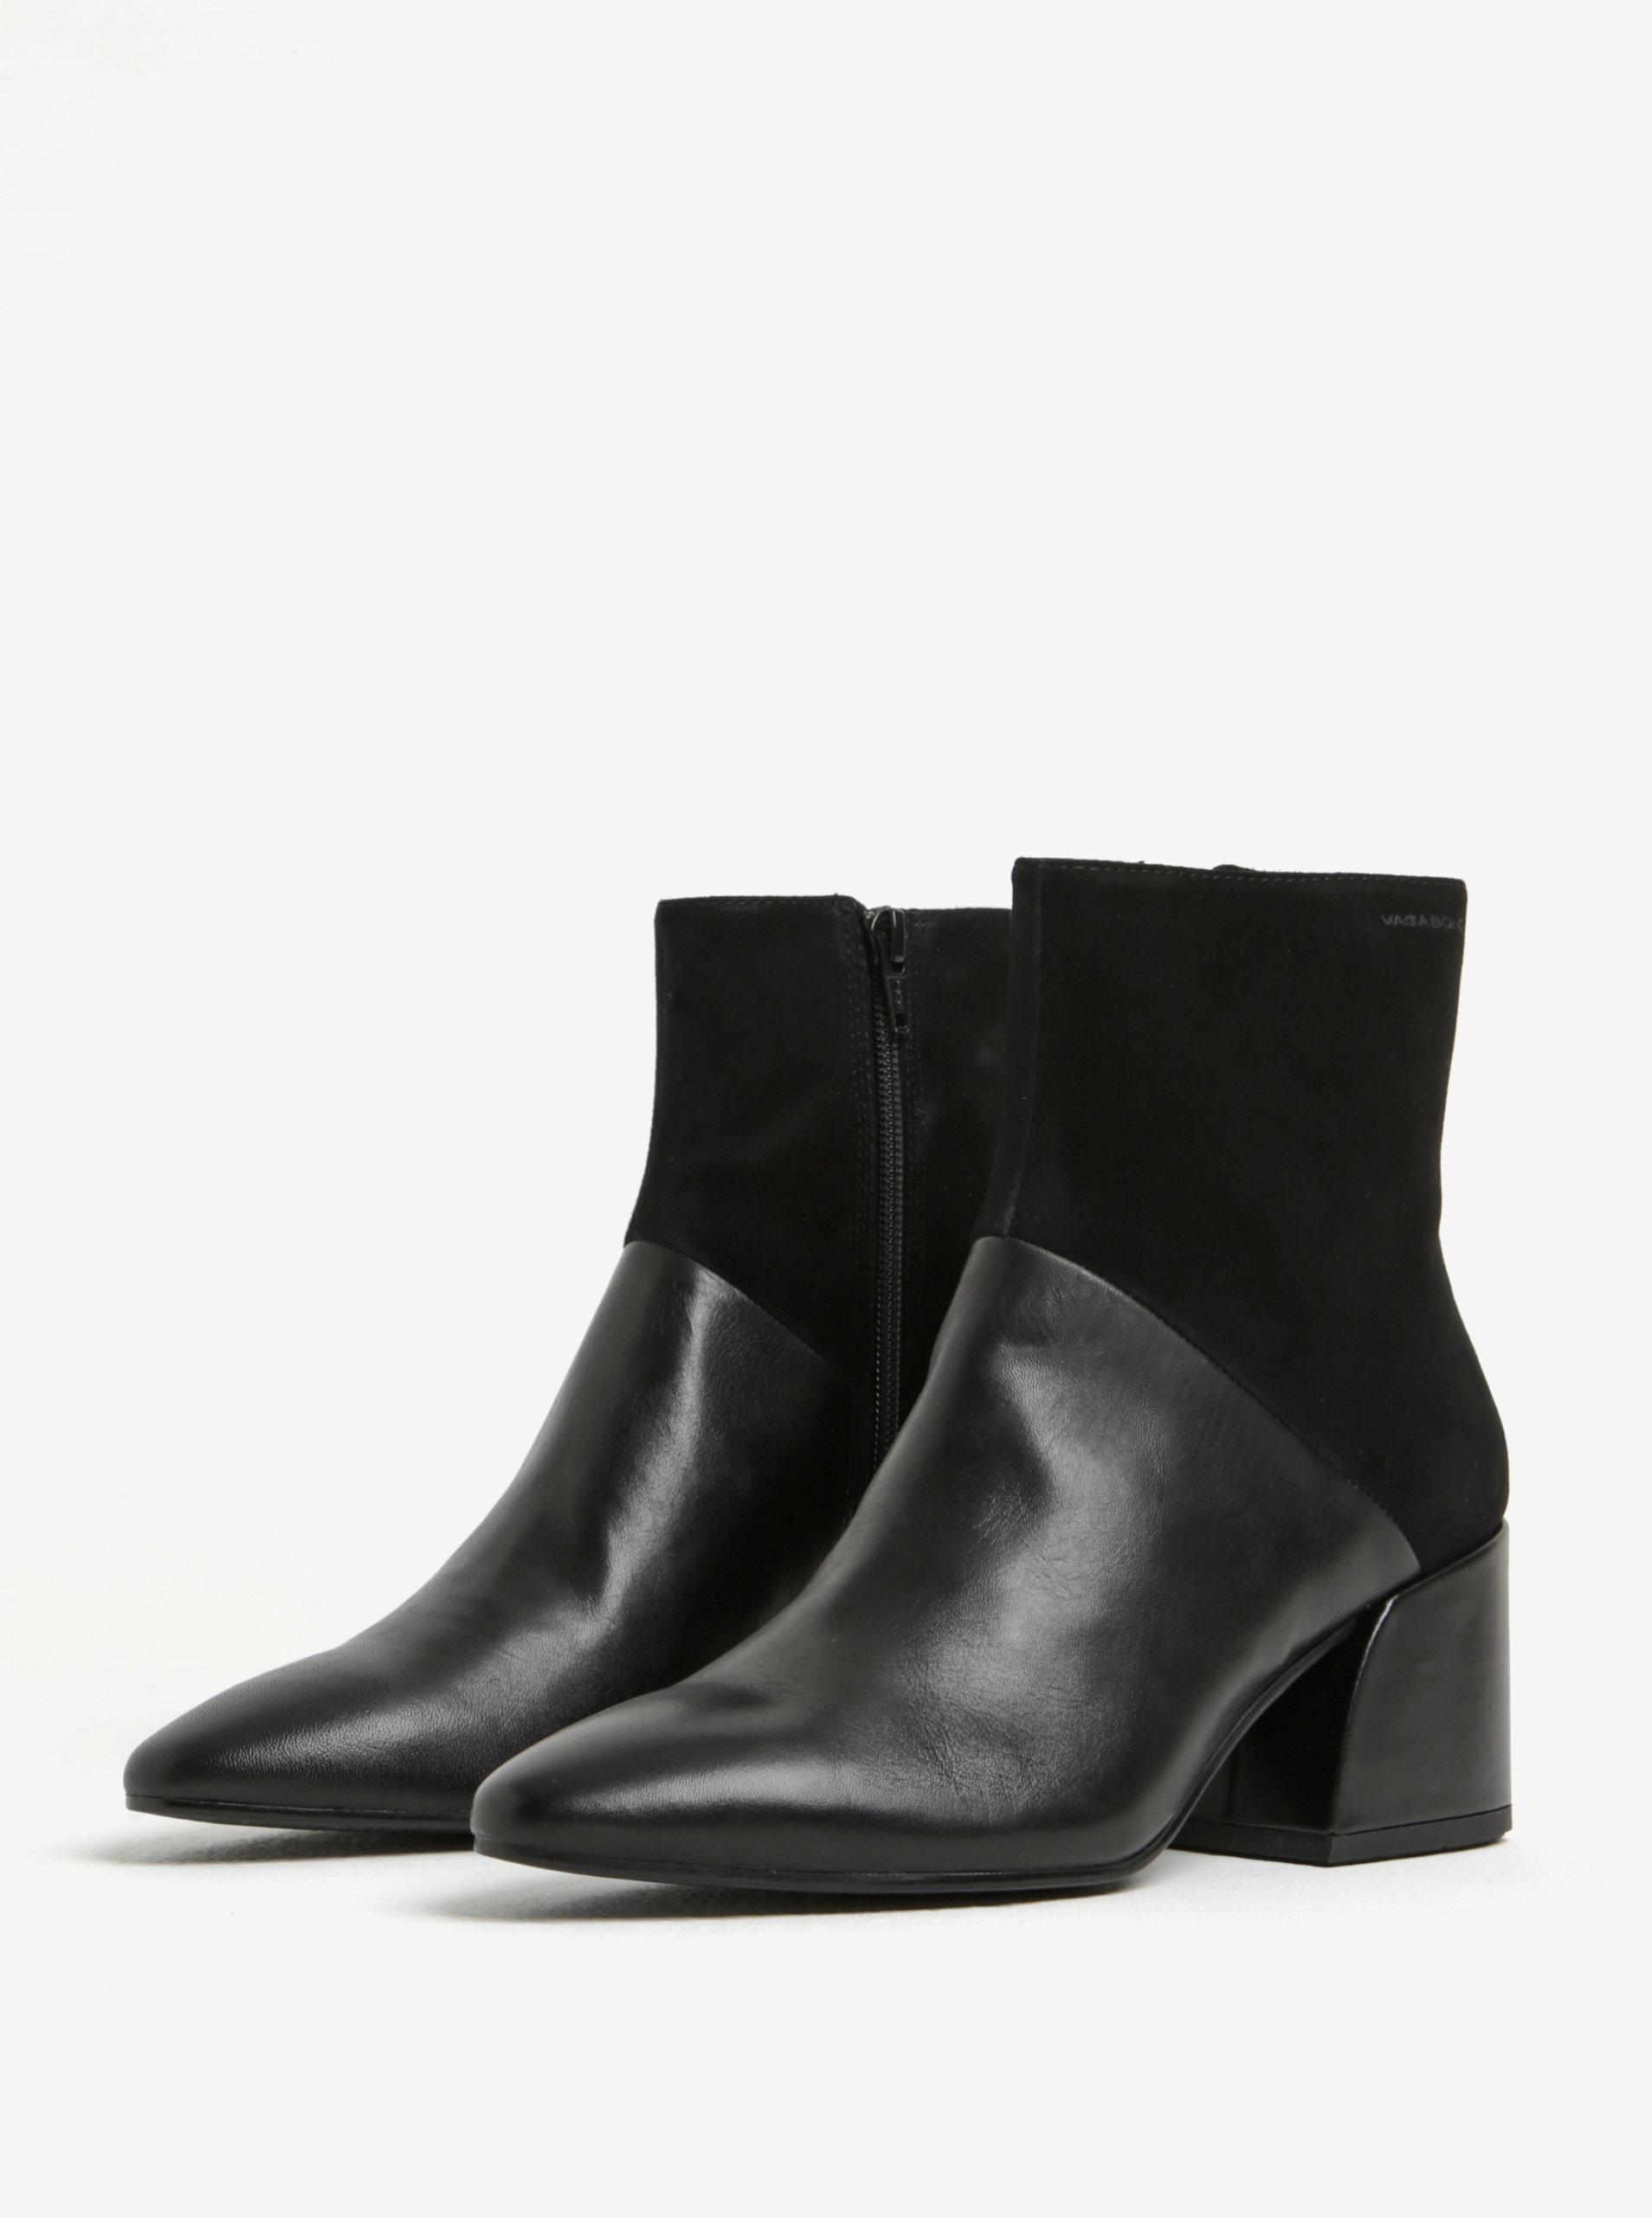 d38a031fea6 Černé dámské kožené kotníkové boty Vagabond Olivia ...